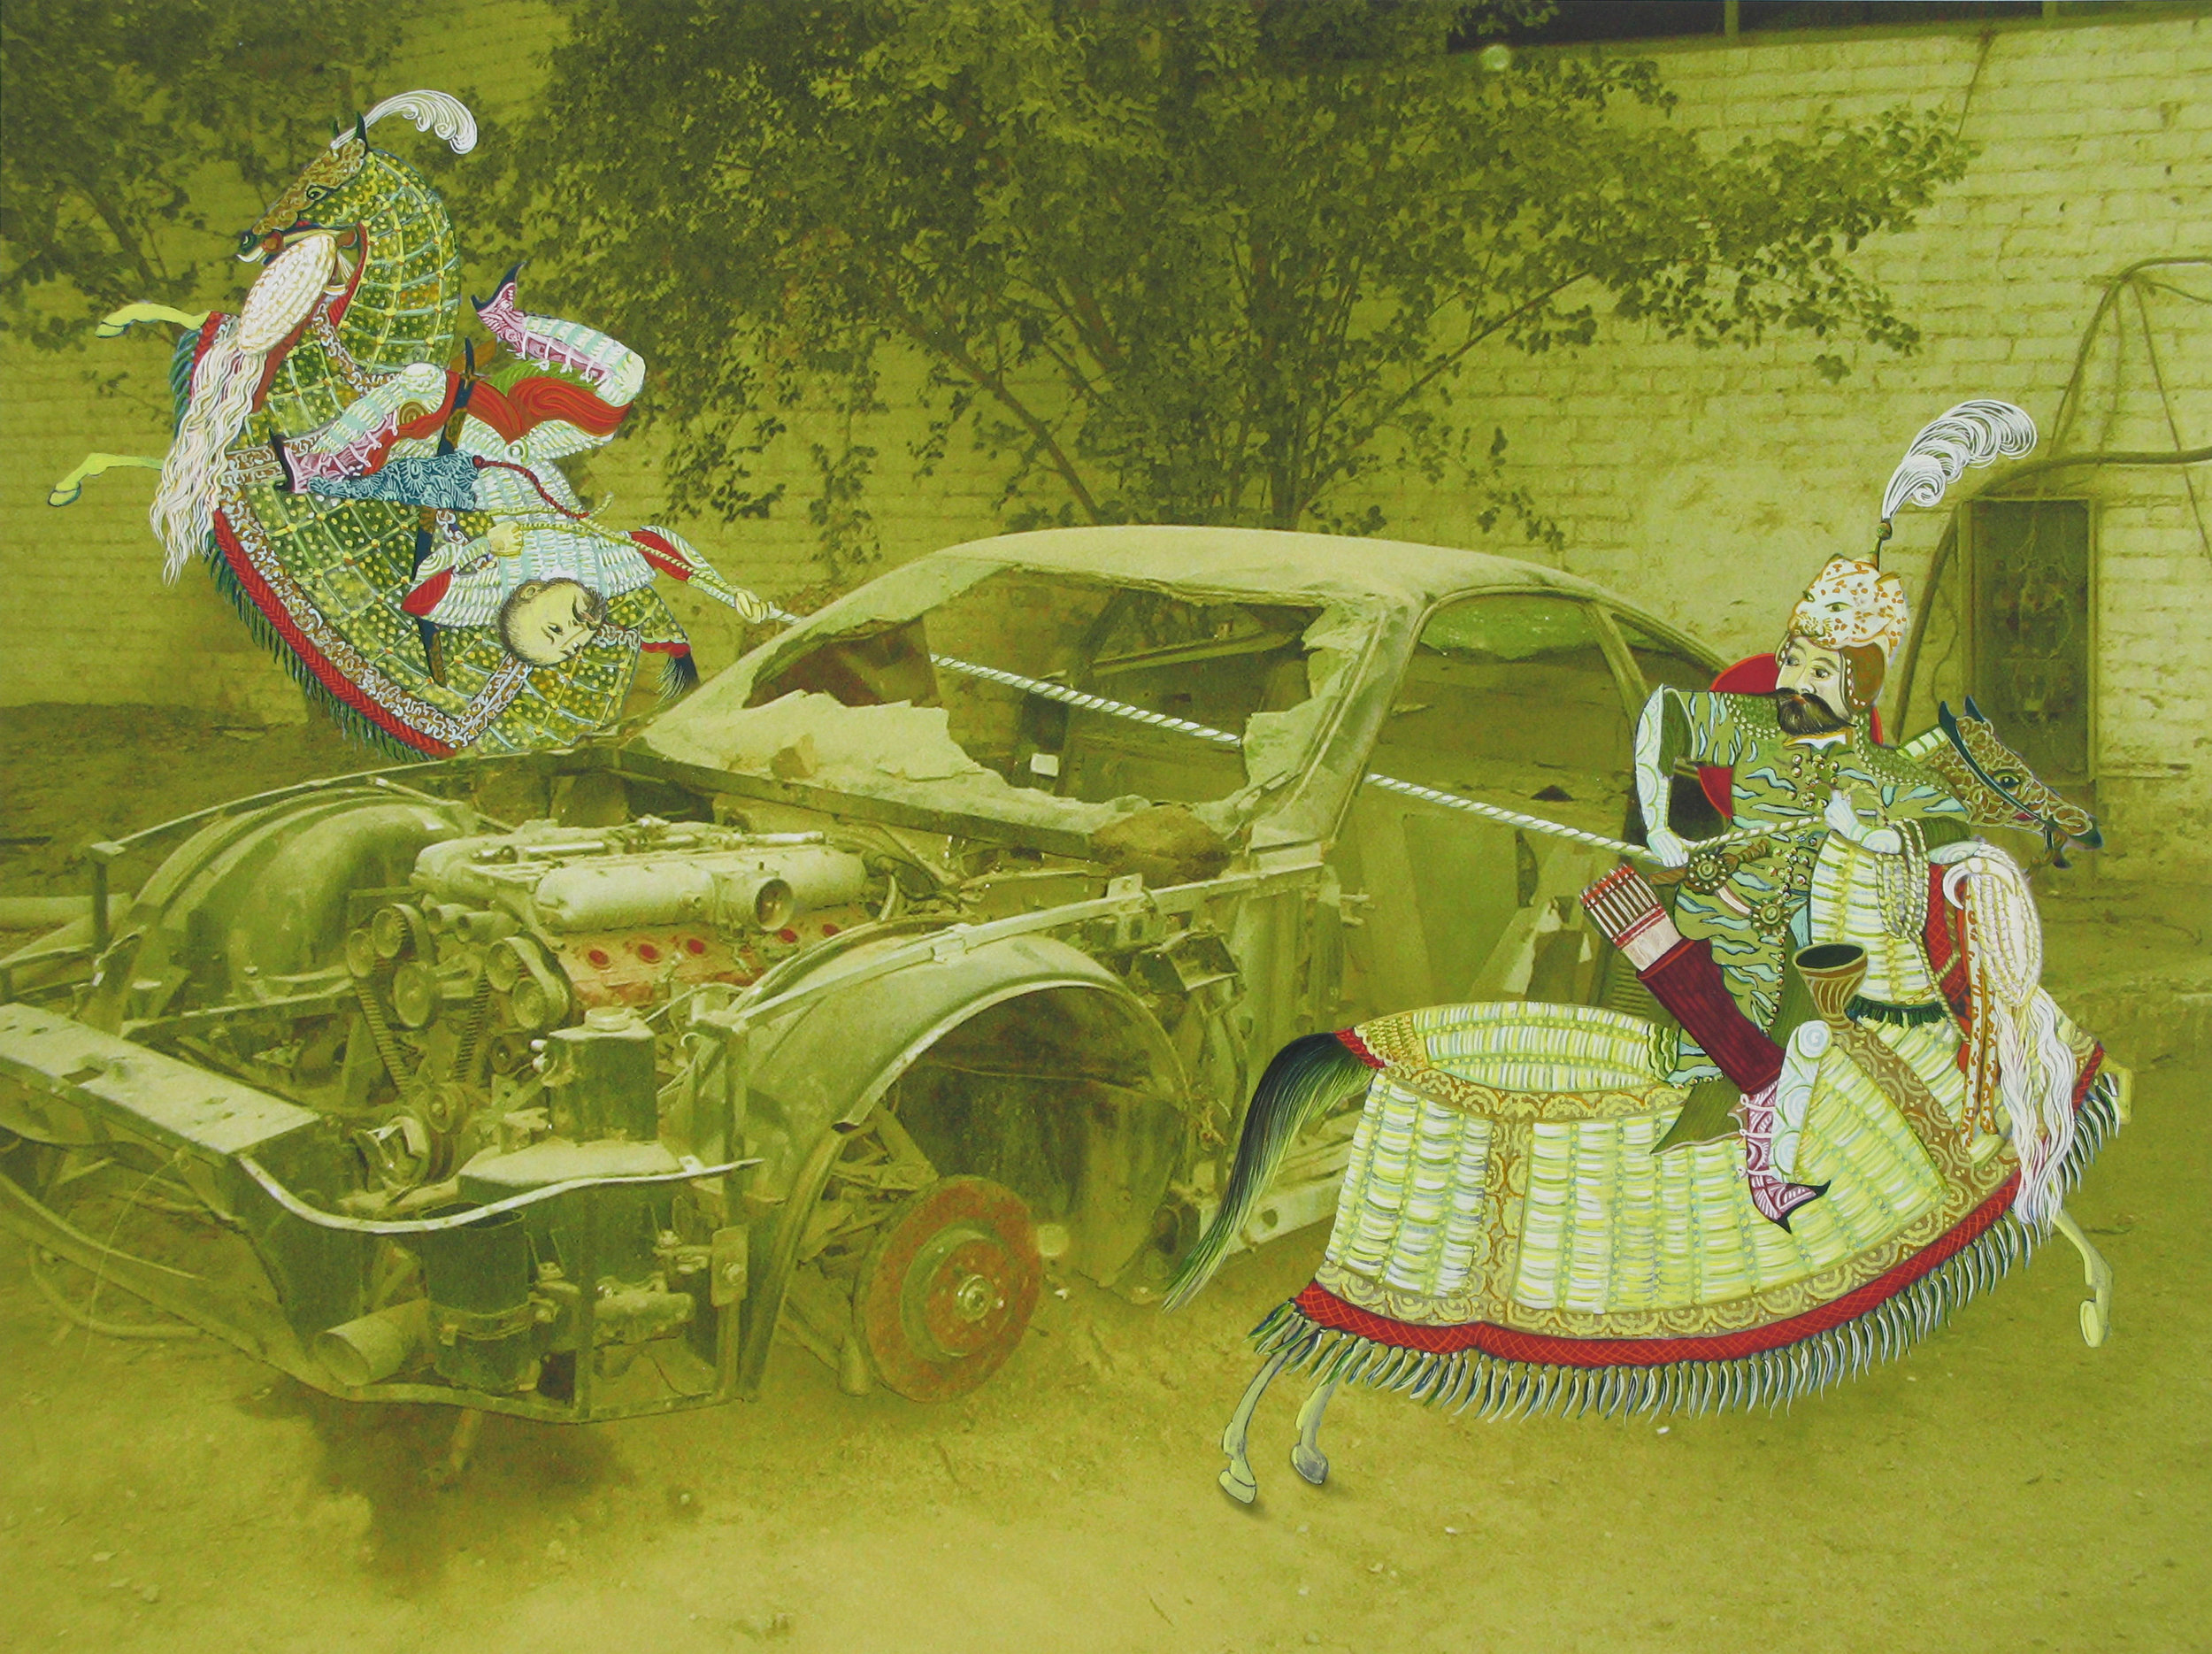 TUG OF WAR, 2009